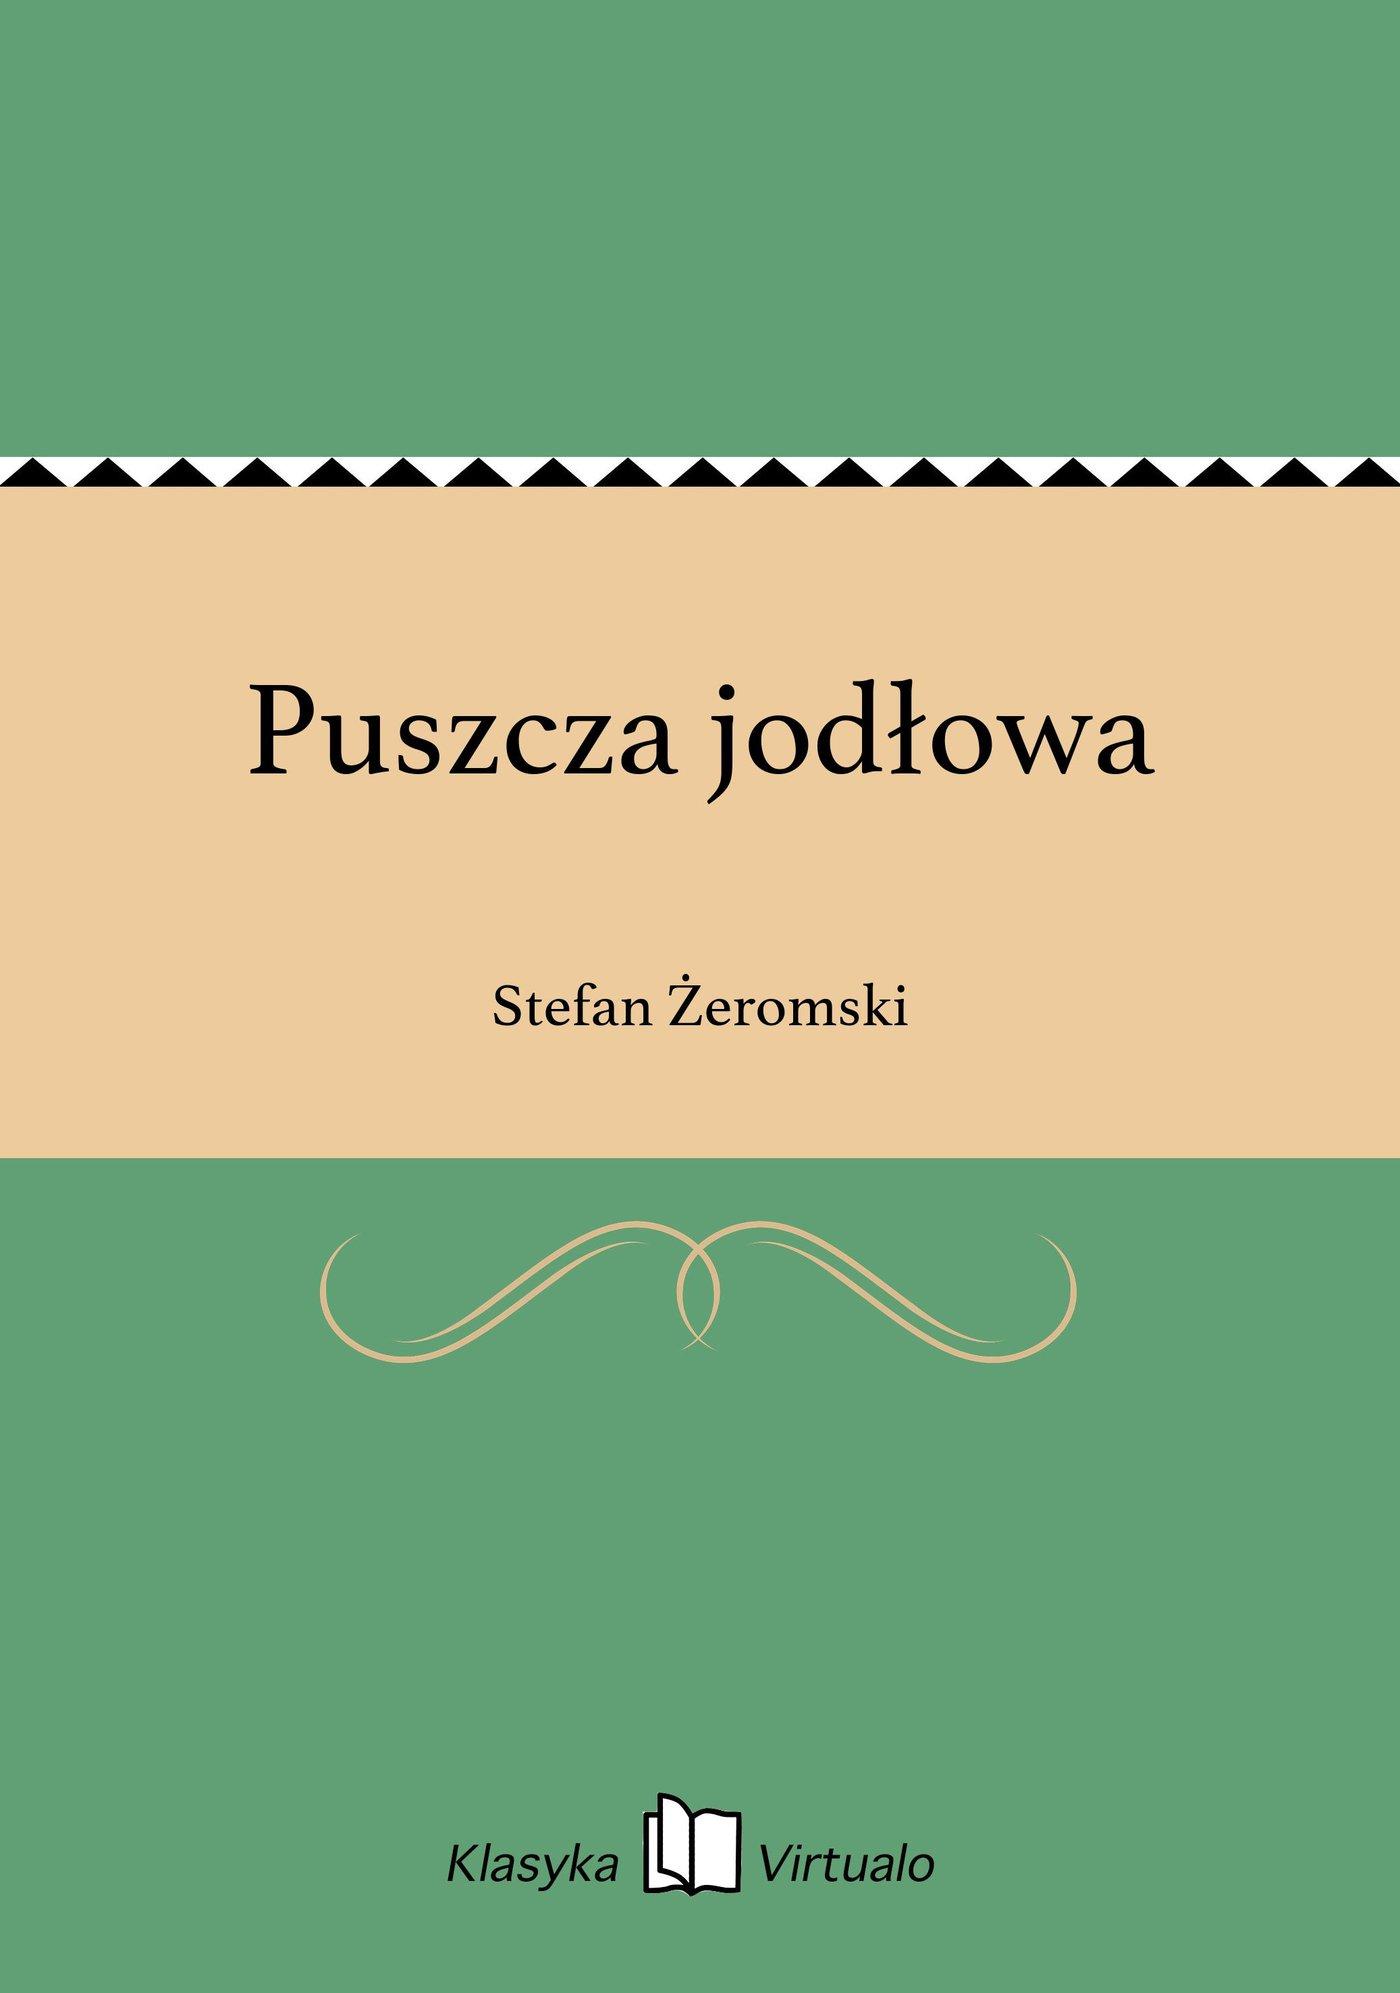 Puszcza jodłowa - Ebook (Książka EPUB) do pobrania w formacie EPUB